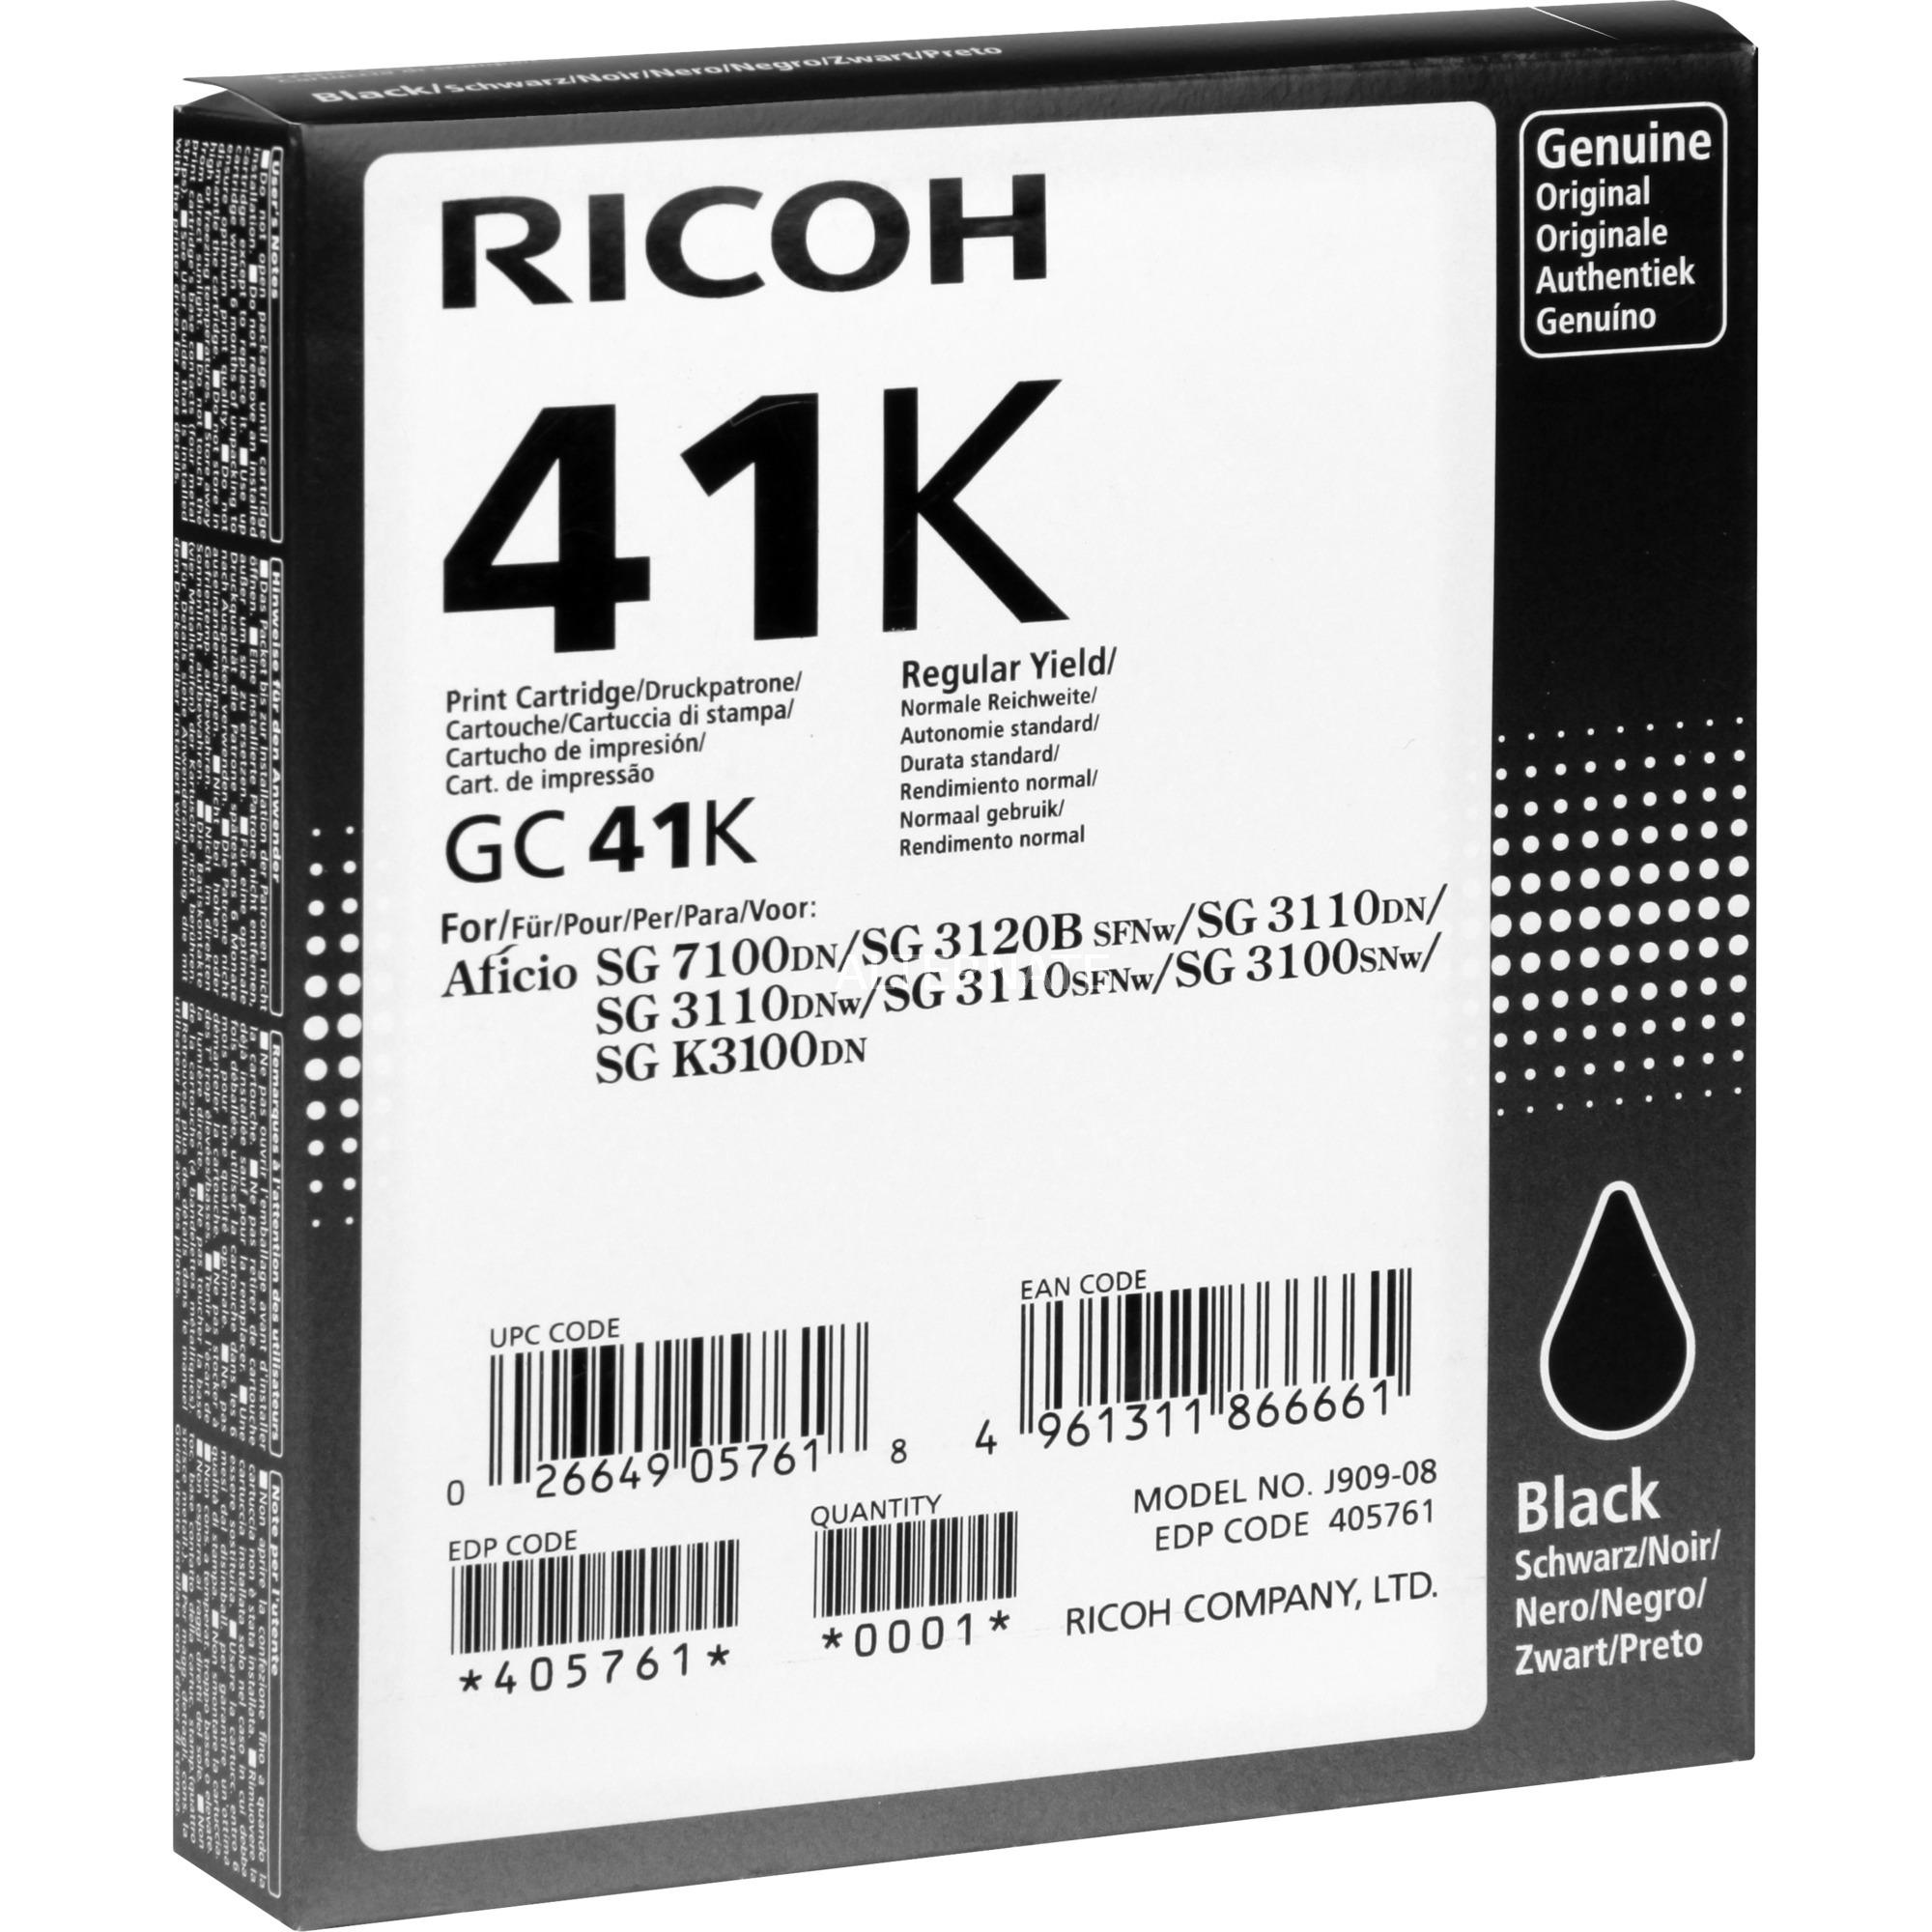 405761 cartucho de tinta Original Foto negro 1 pieza(s)